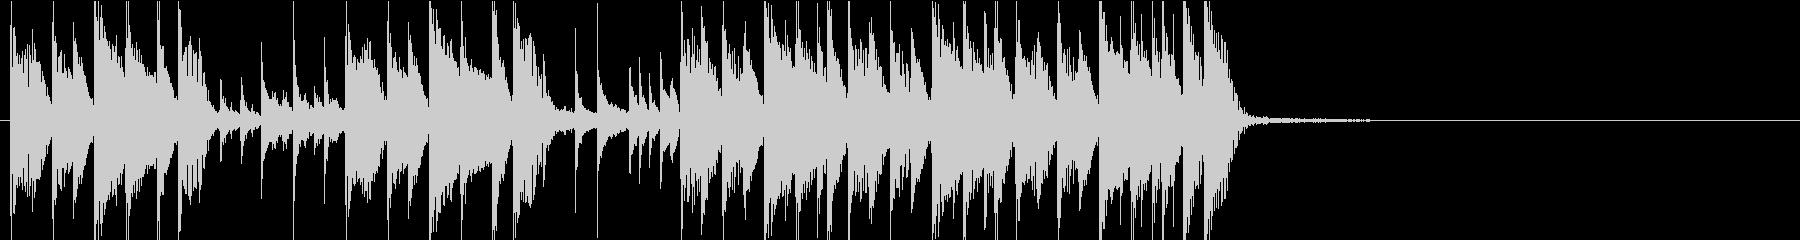 CM ジングル シンプルなピアノでブギーの未再生の波形